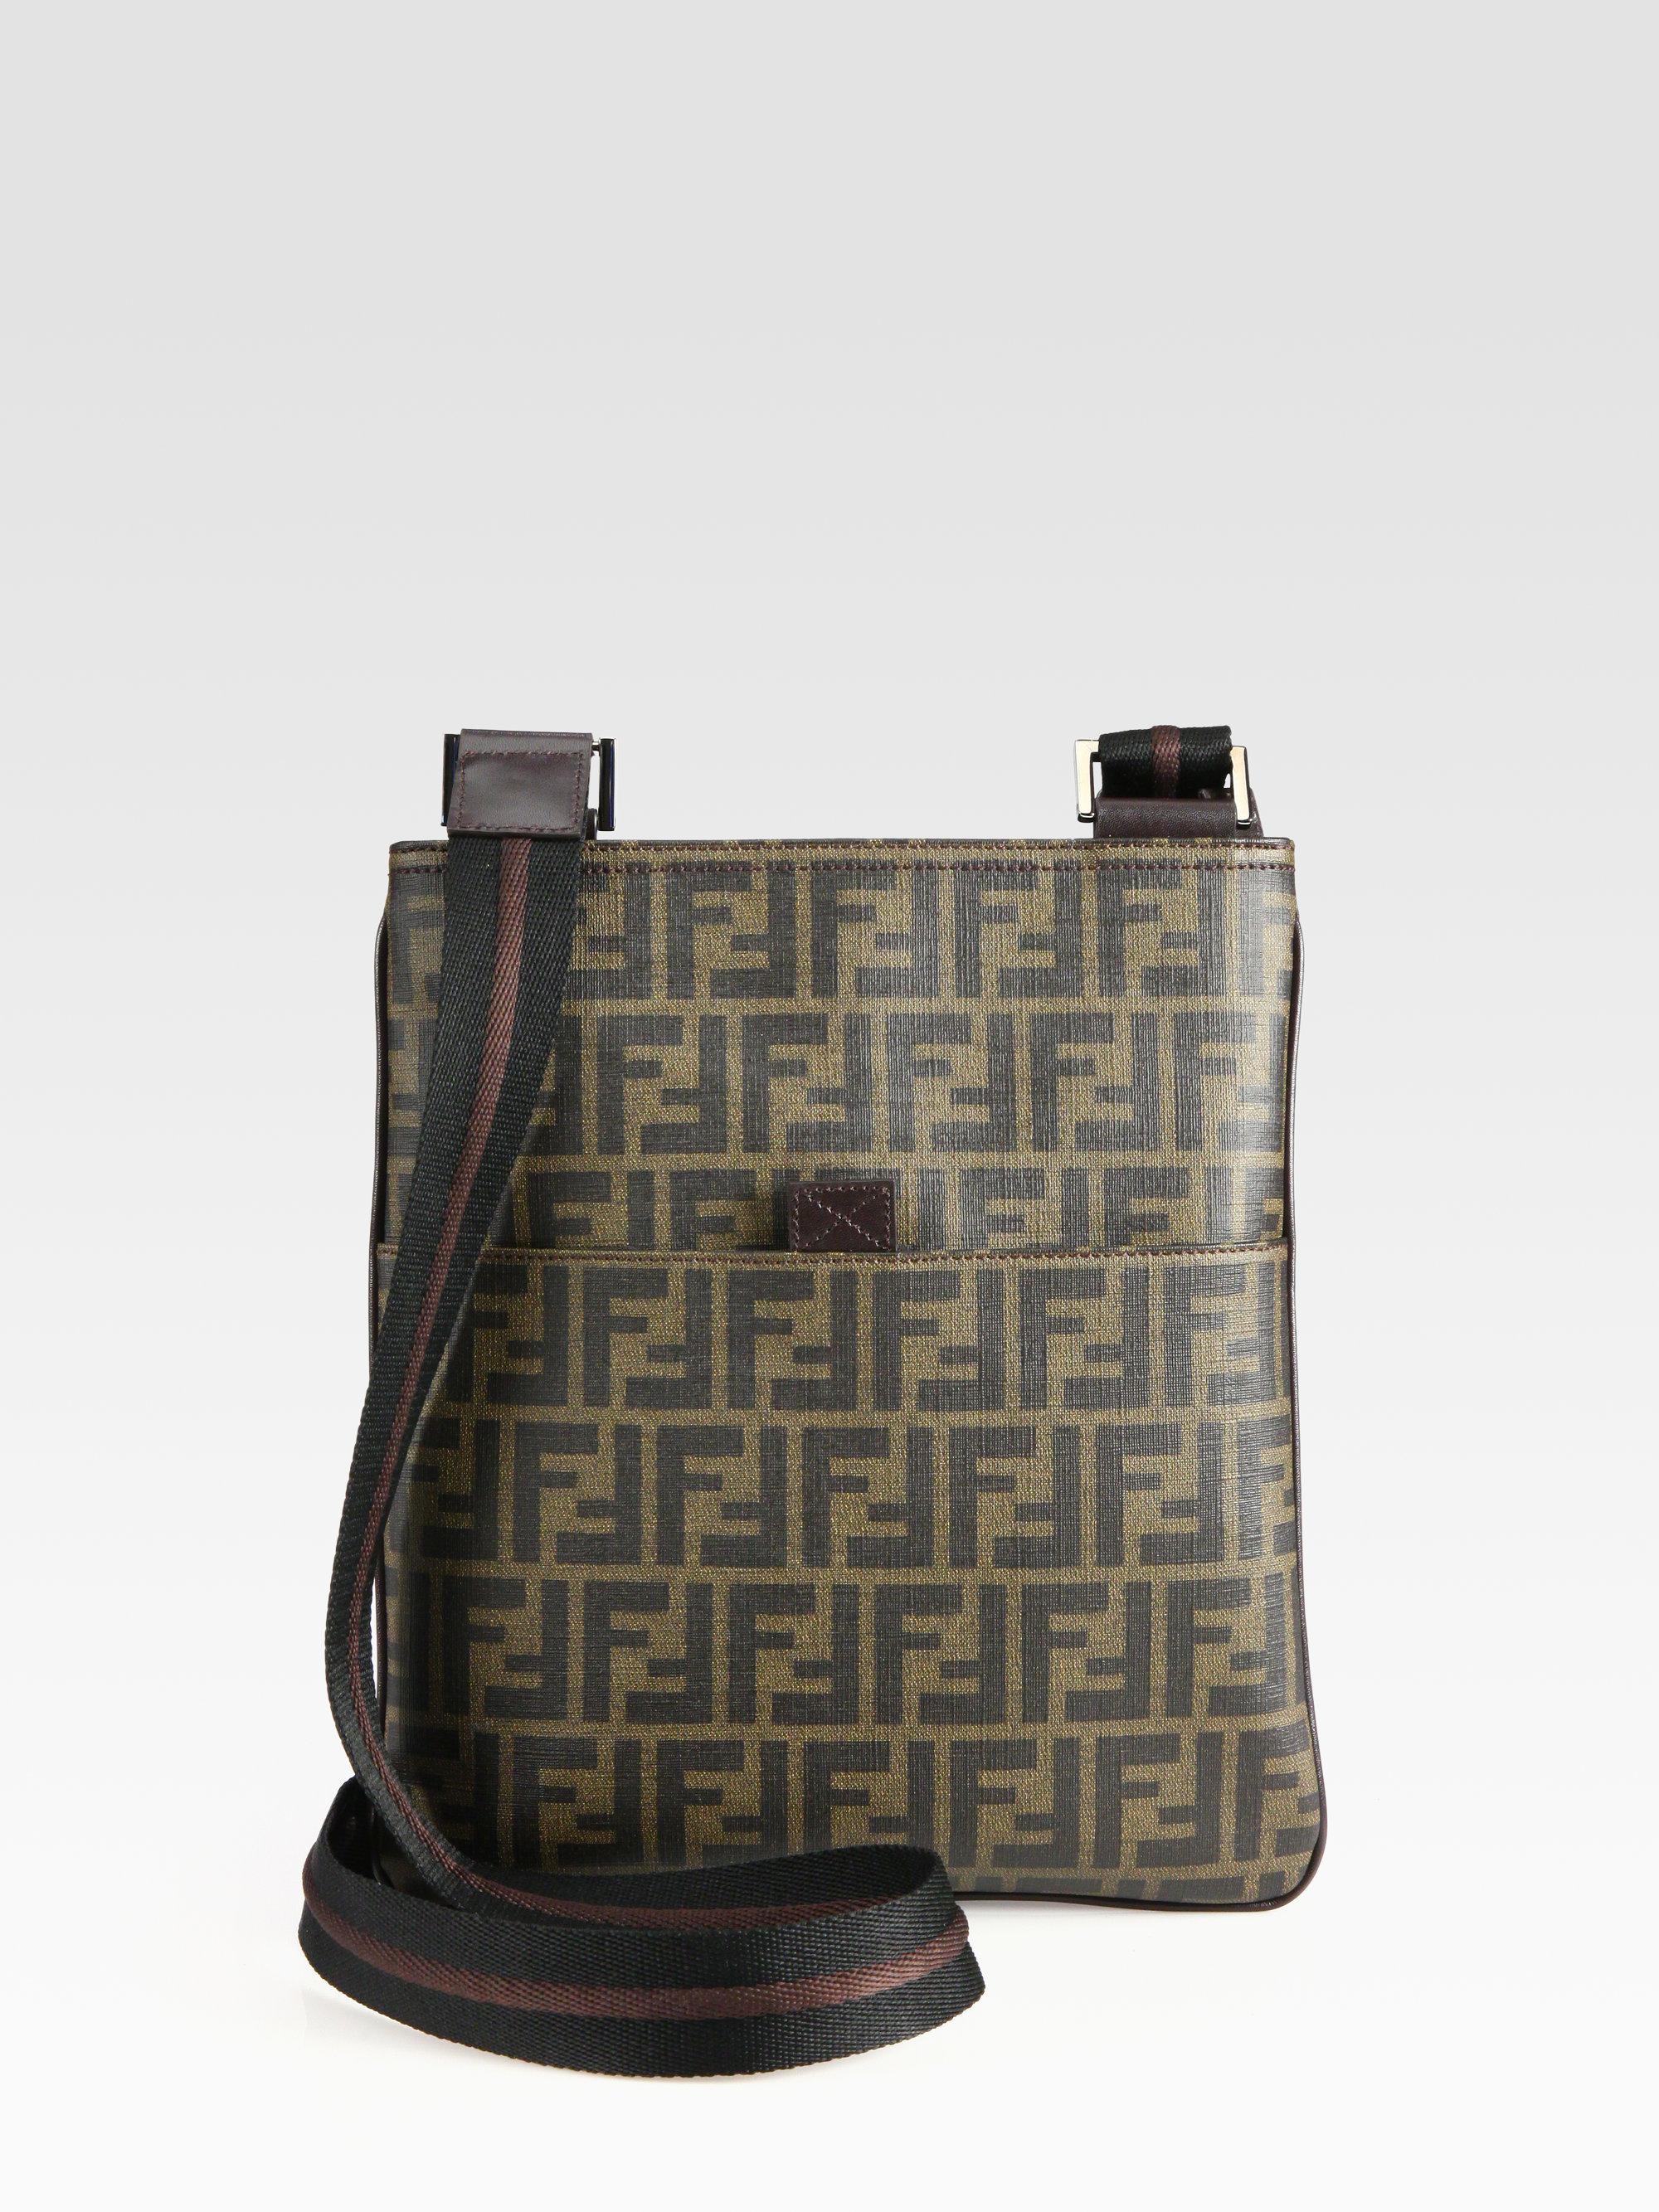 dac69066d40 ... uk lyst fendi zucca small messenger bag in brown for men 7505a 39a15 sweden  fendi zucca mini chef shoulder bag no minimum price ...